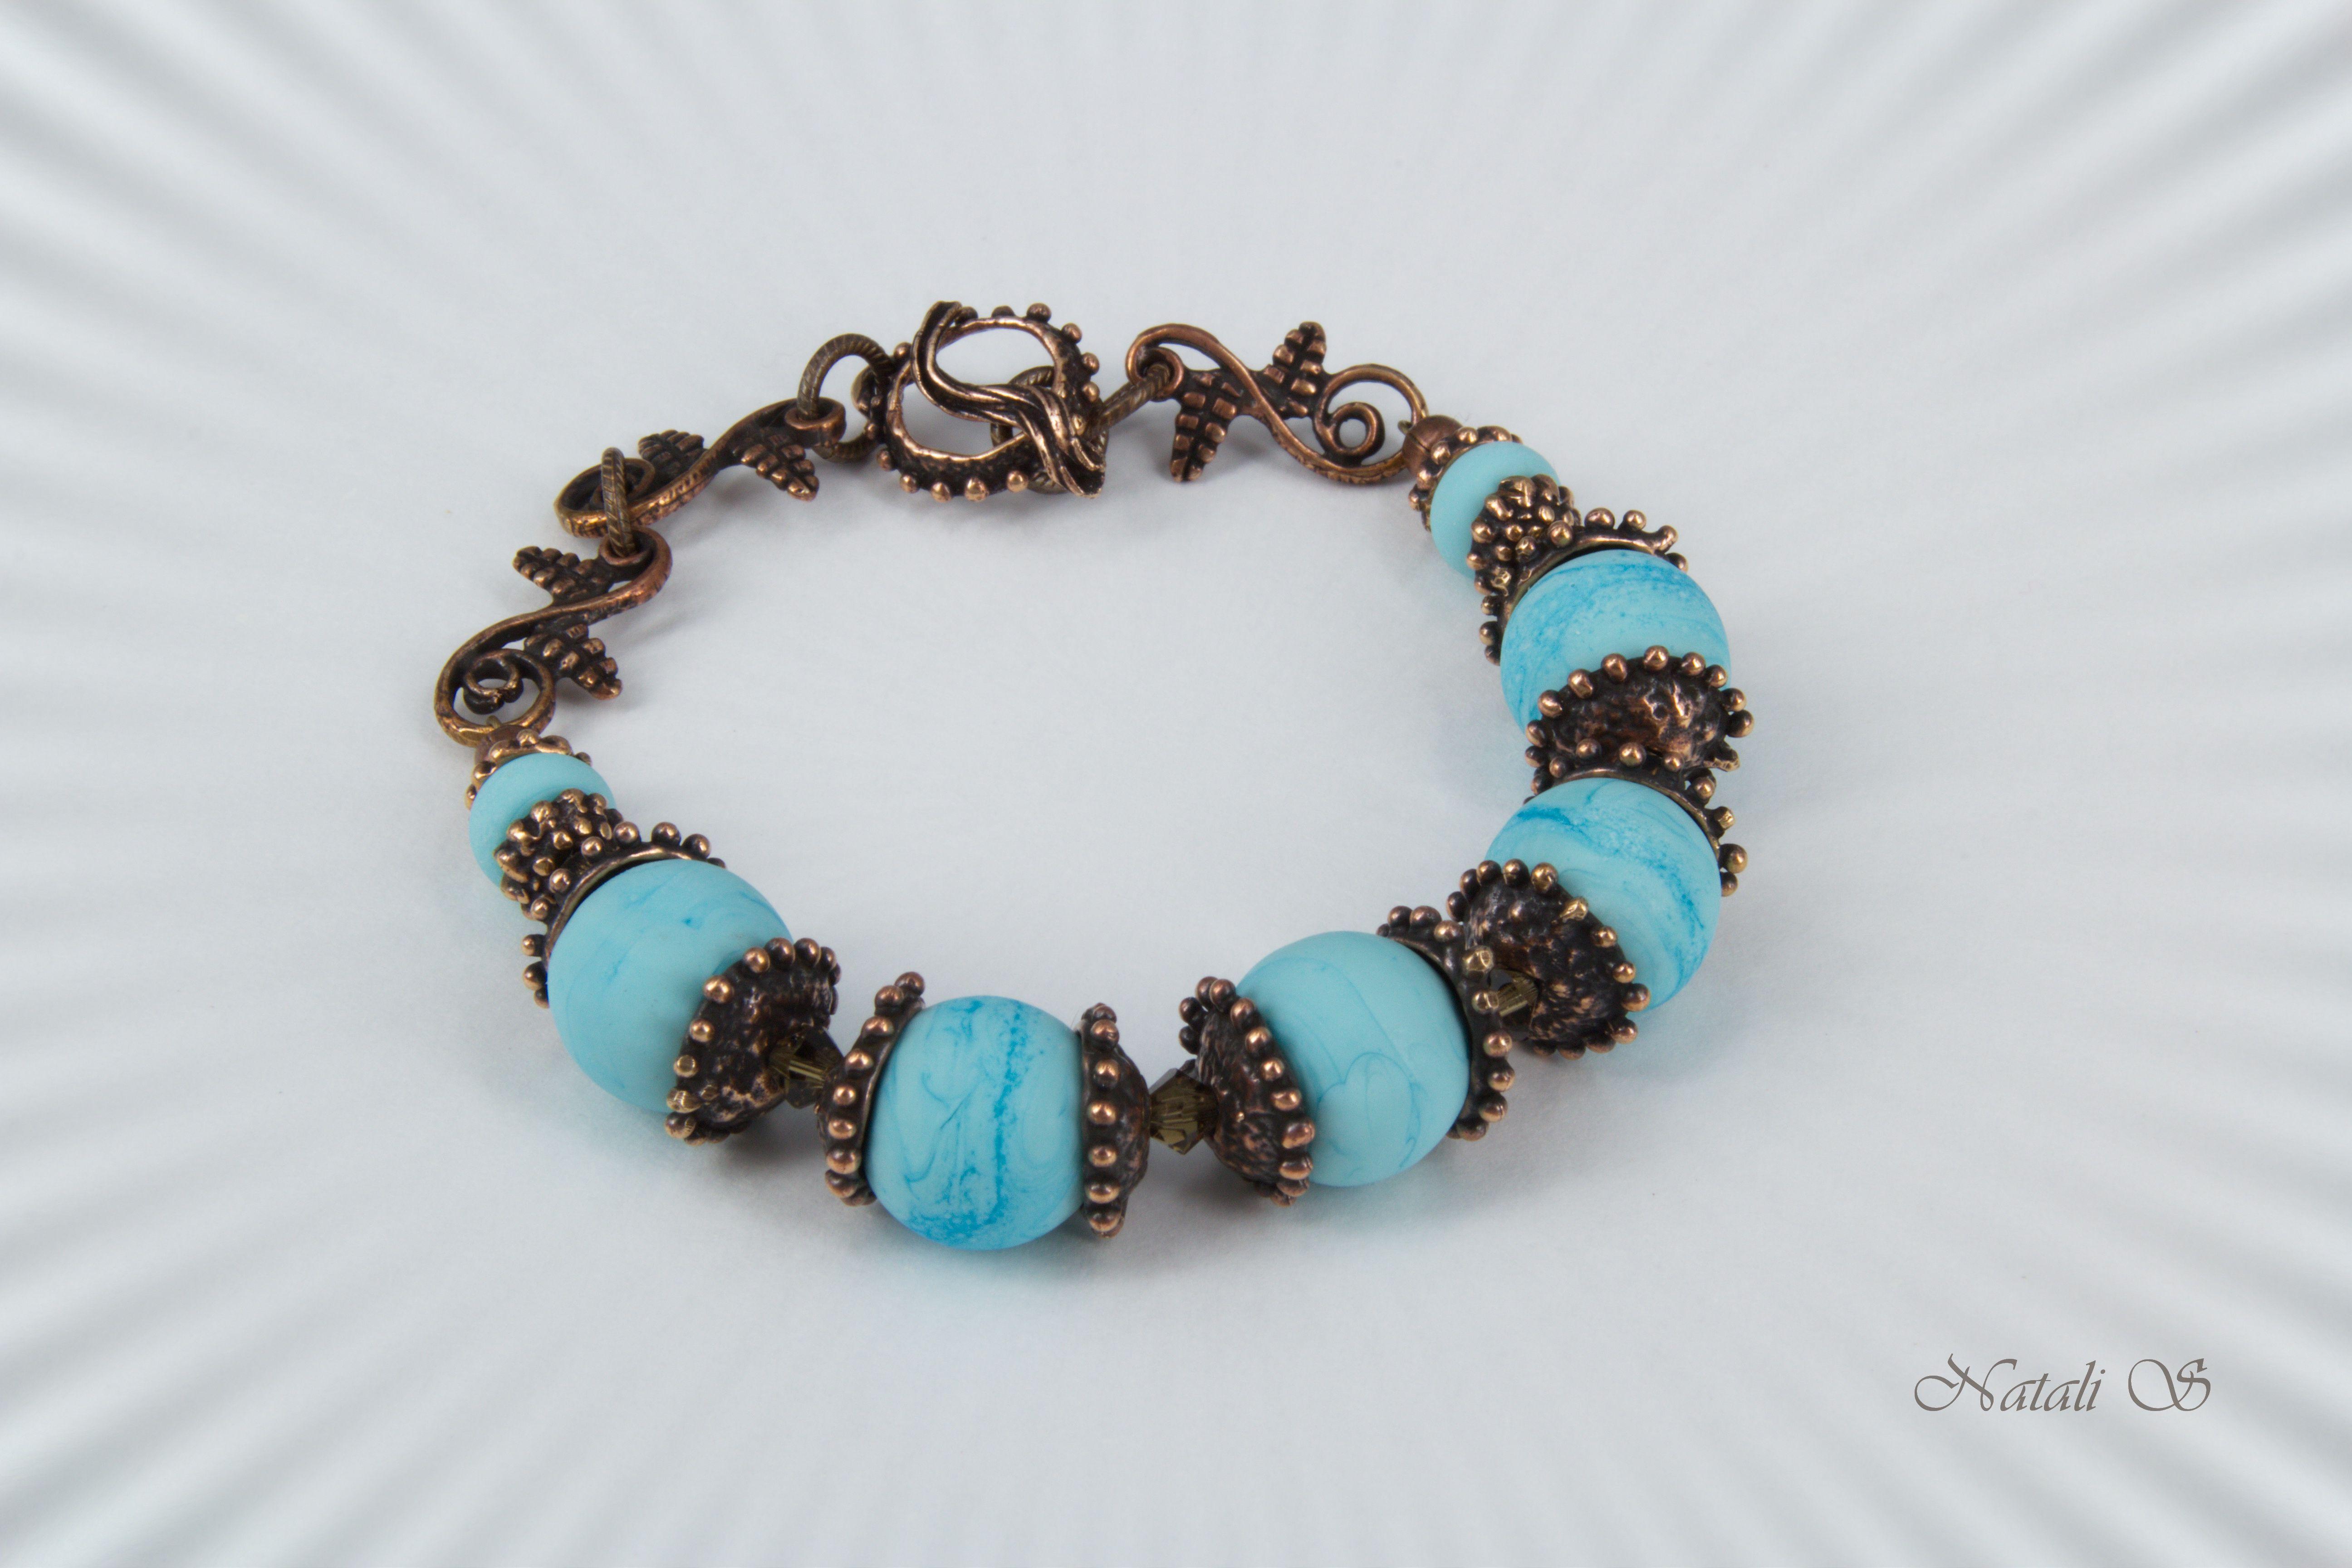 авторская медная браслет жемчуг бусины украшение авторской речной фурнитура подарок лэмпворк